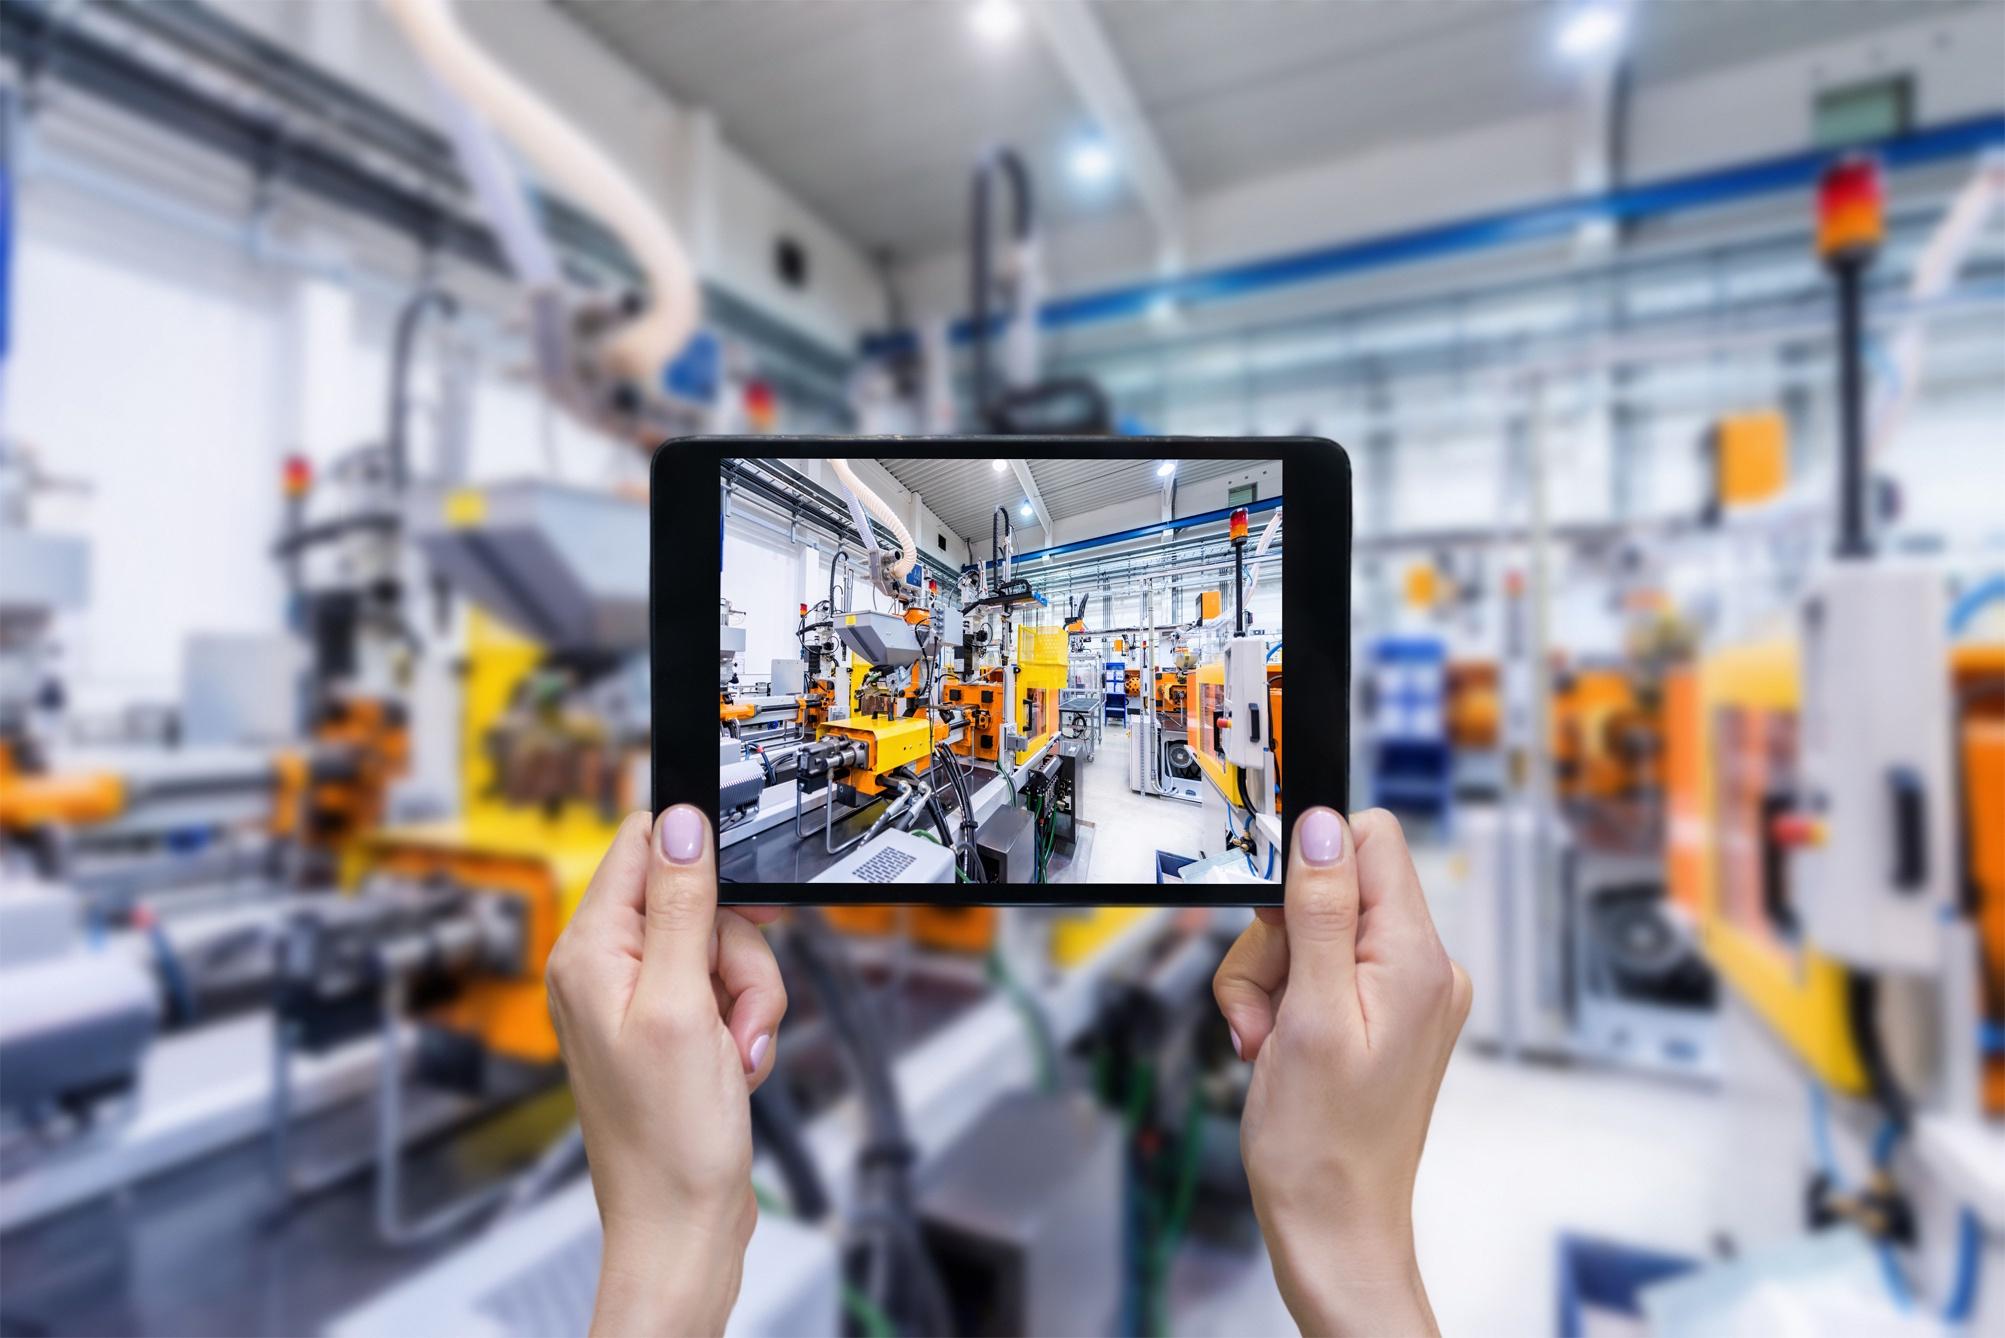 Retrofit-Industrie 4.0-Lösungen der in-GmbH: Bestandssysteme aufrüsten und Stillstandzeiten reduzieren